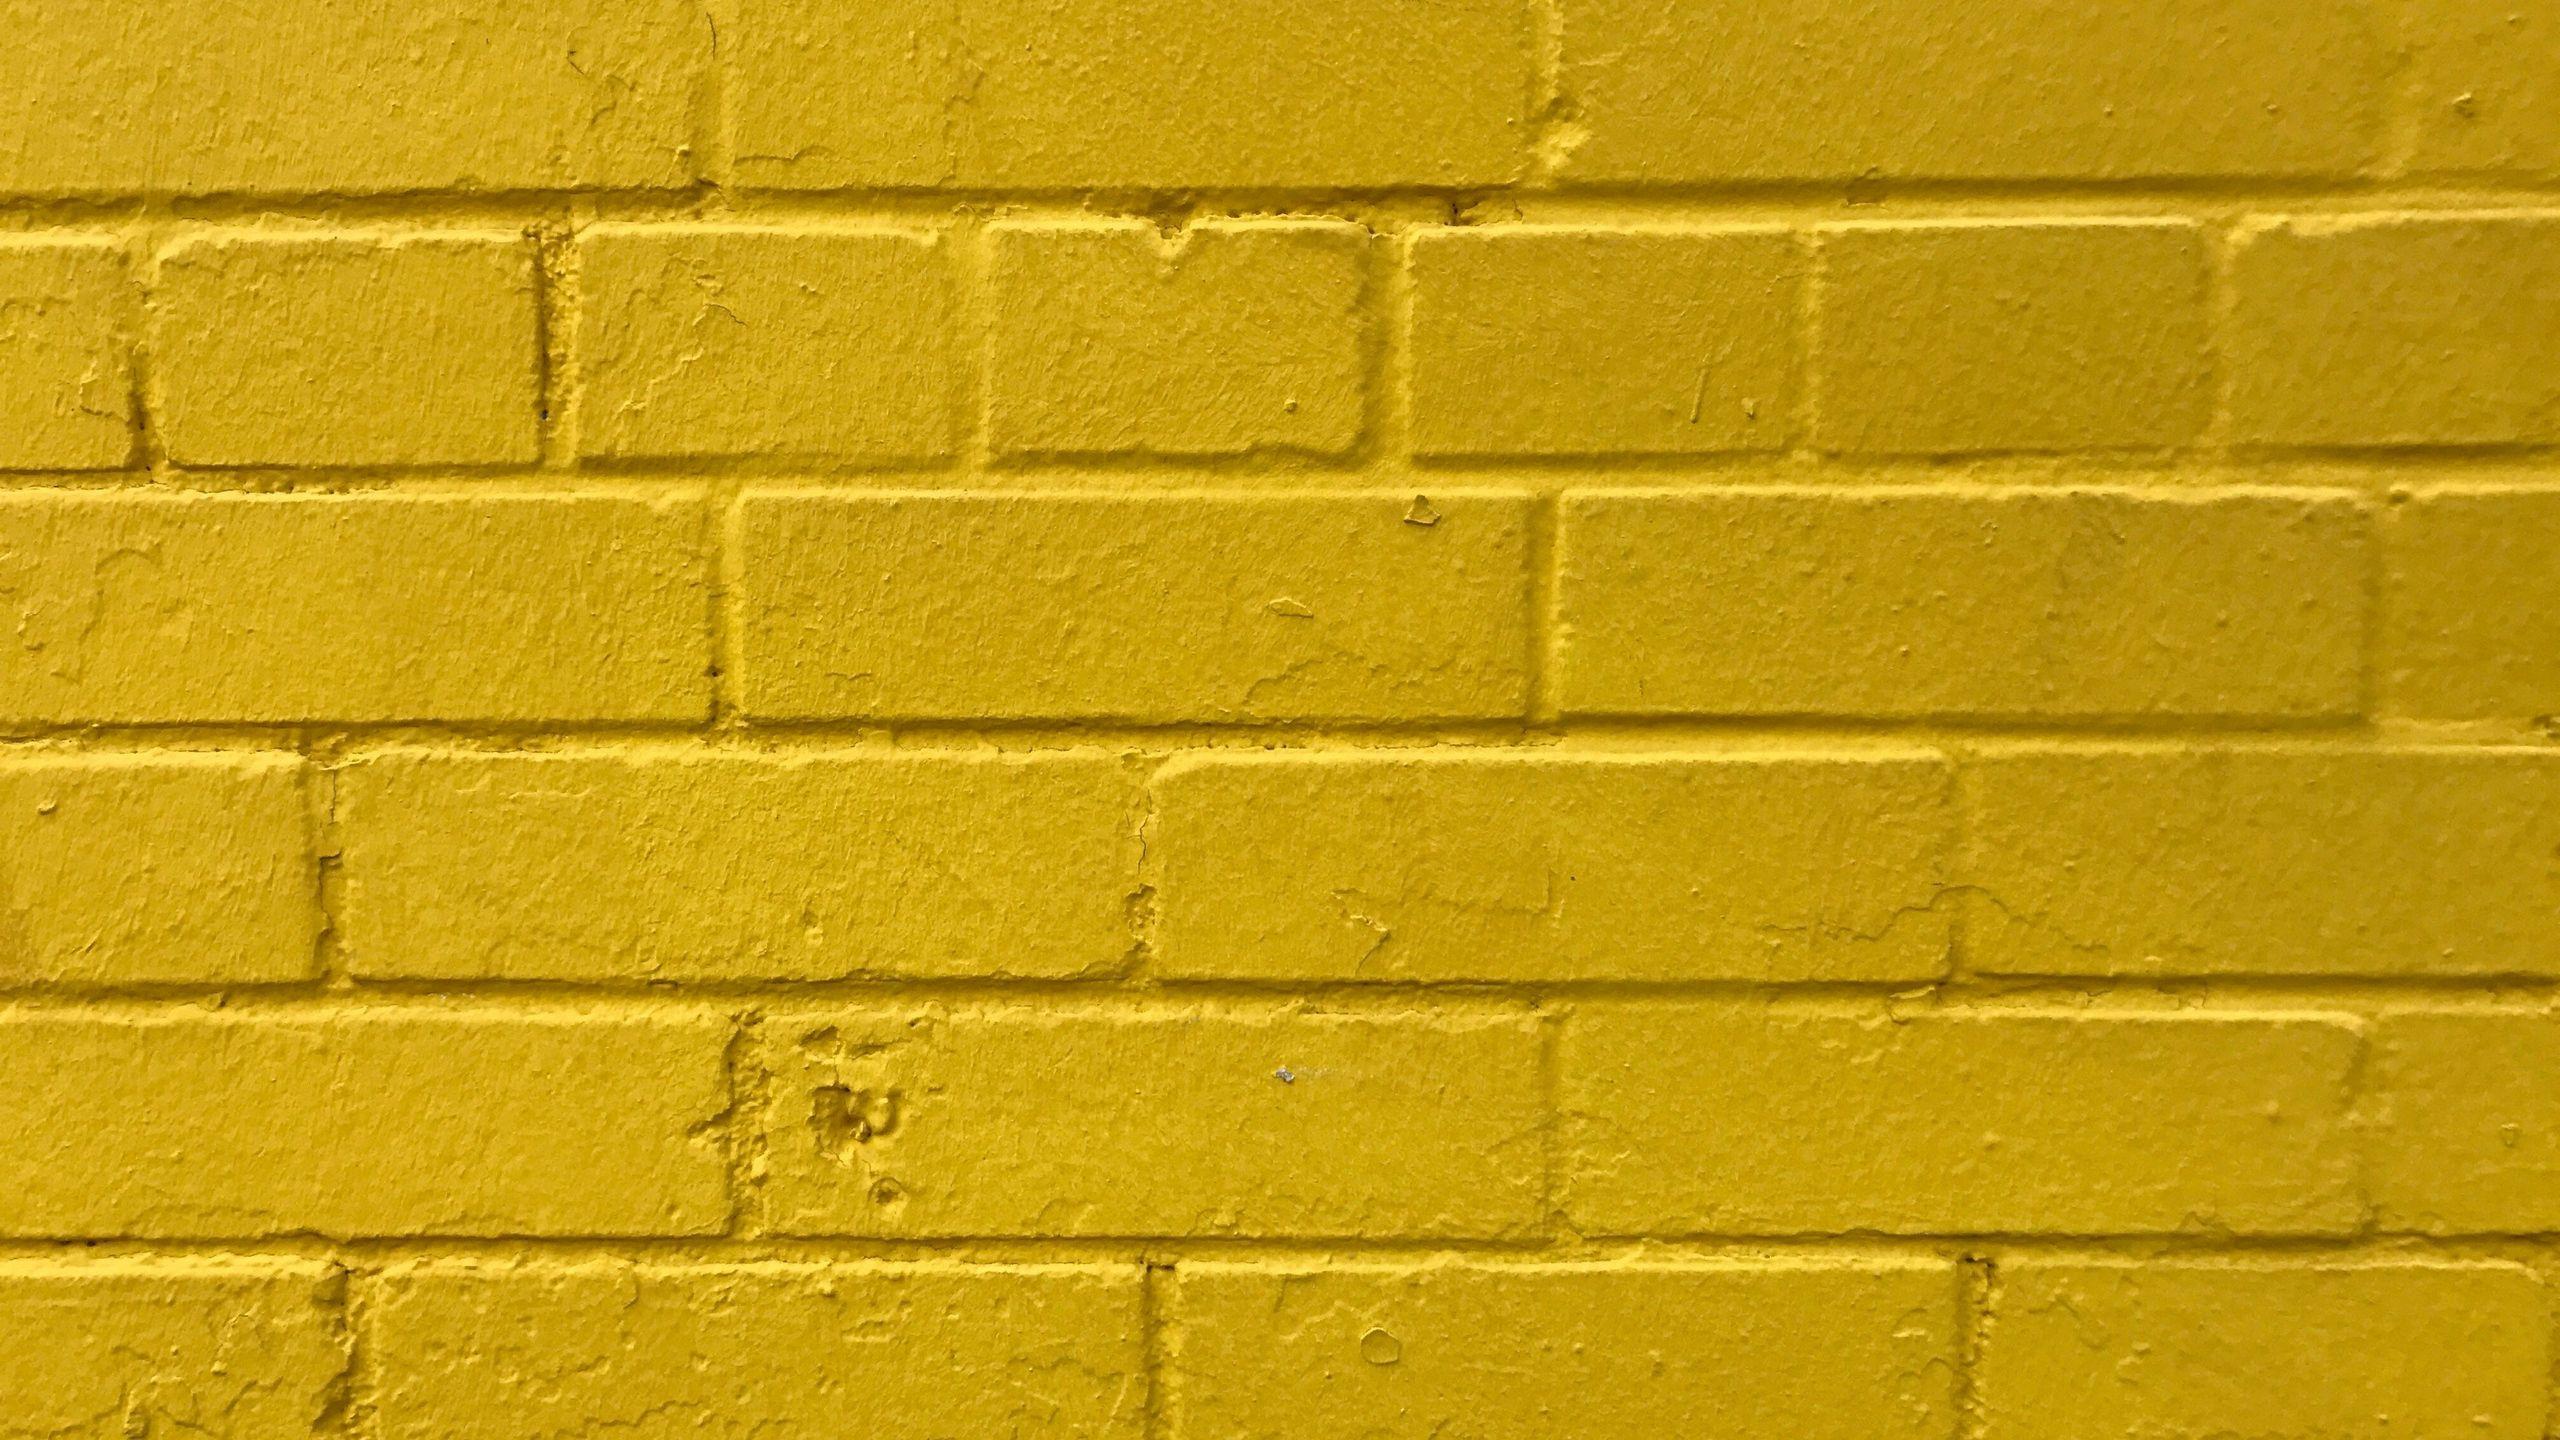 2560x1440 Tải xuống hình nền 2560x1440 gạch, màu vàng, tường, kết cấu